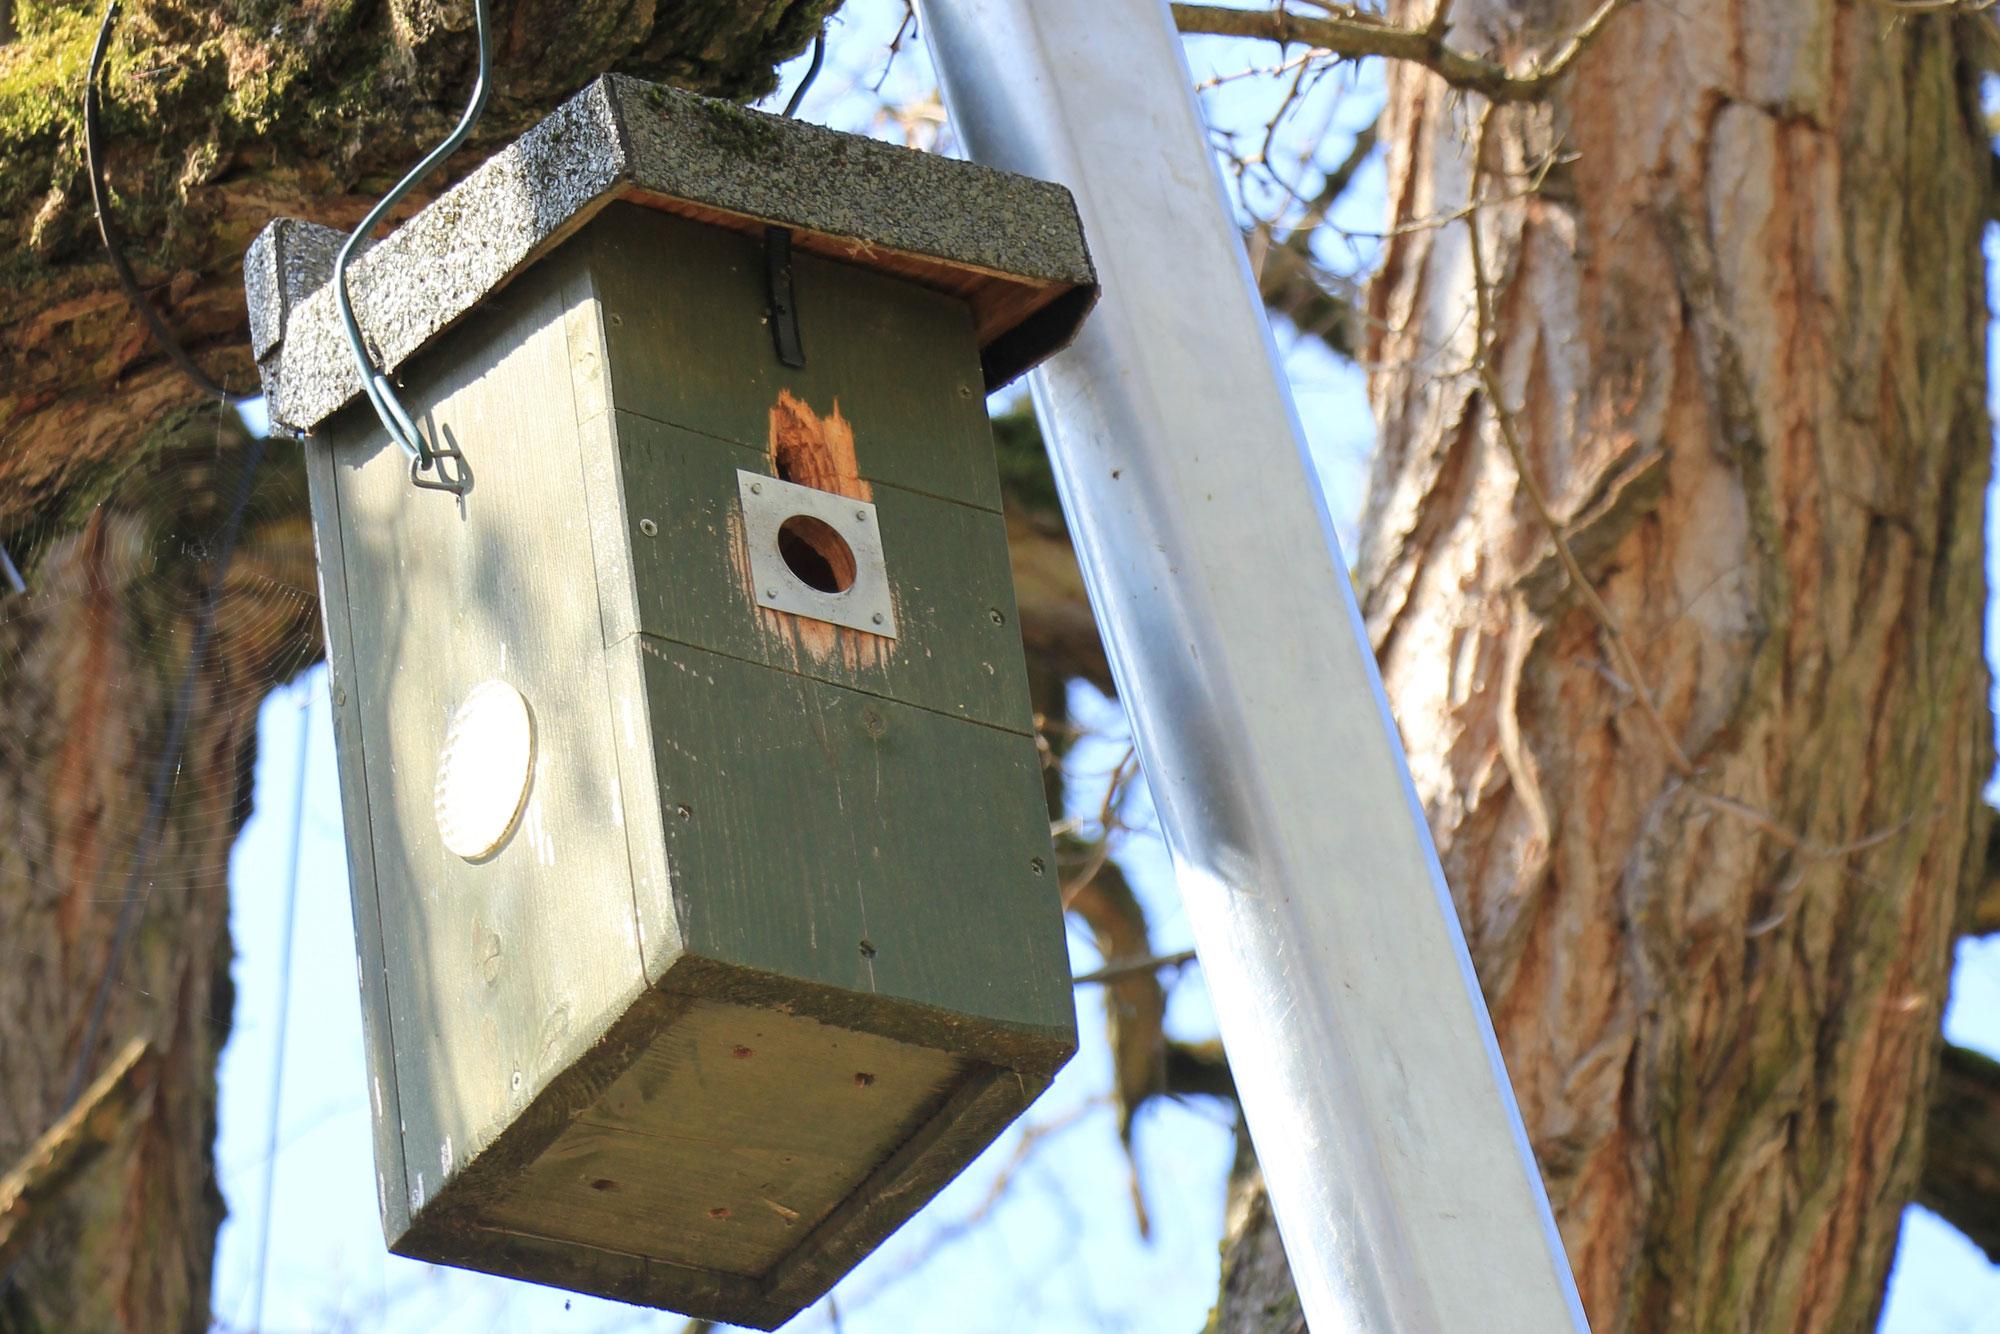 Platz für ein neues Nest